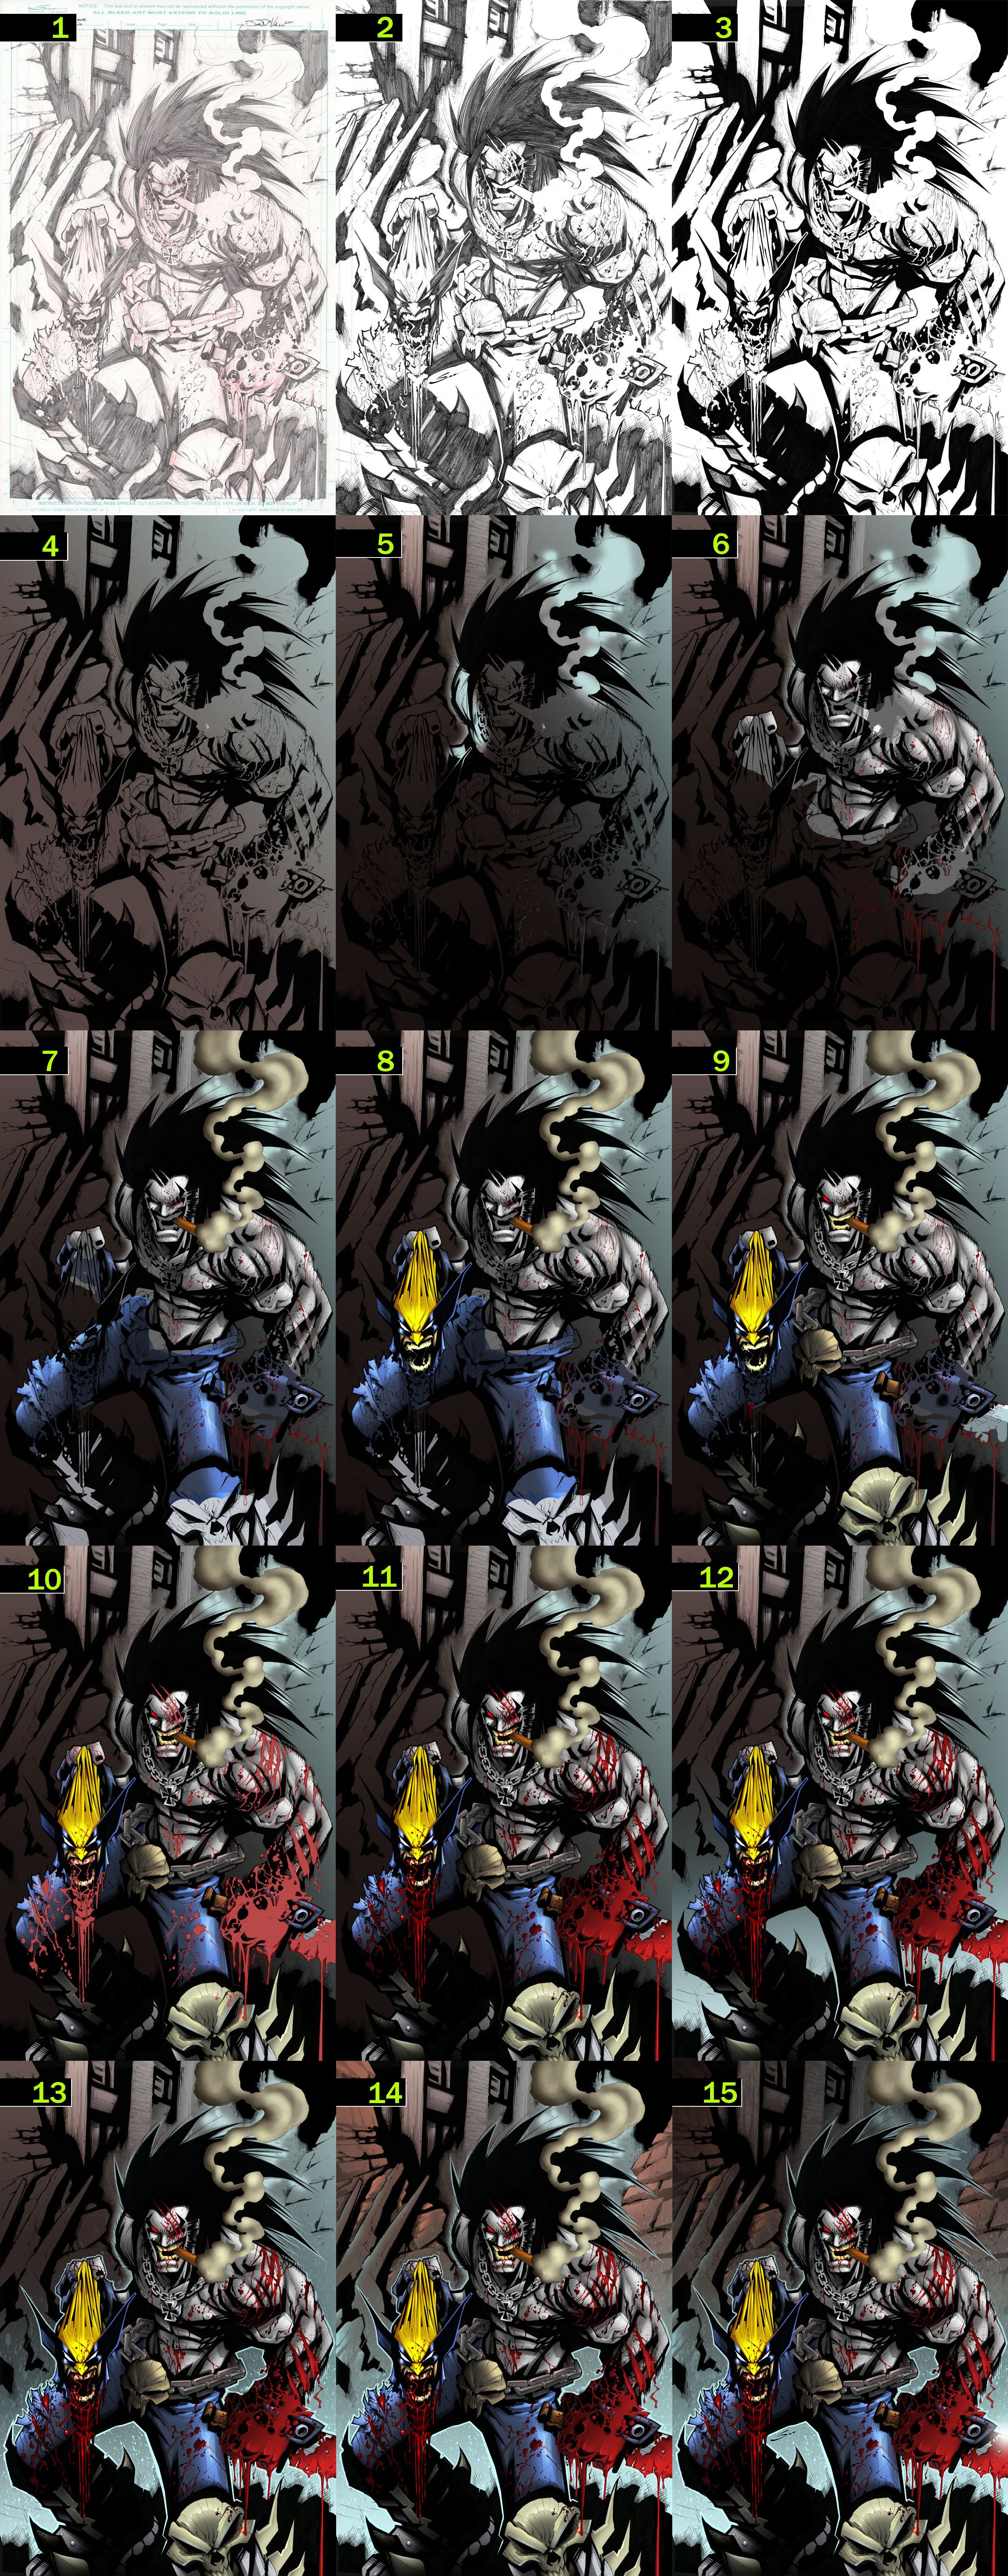 Lobo vs Wolverine step by step